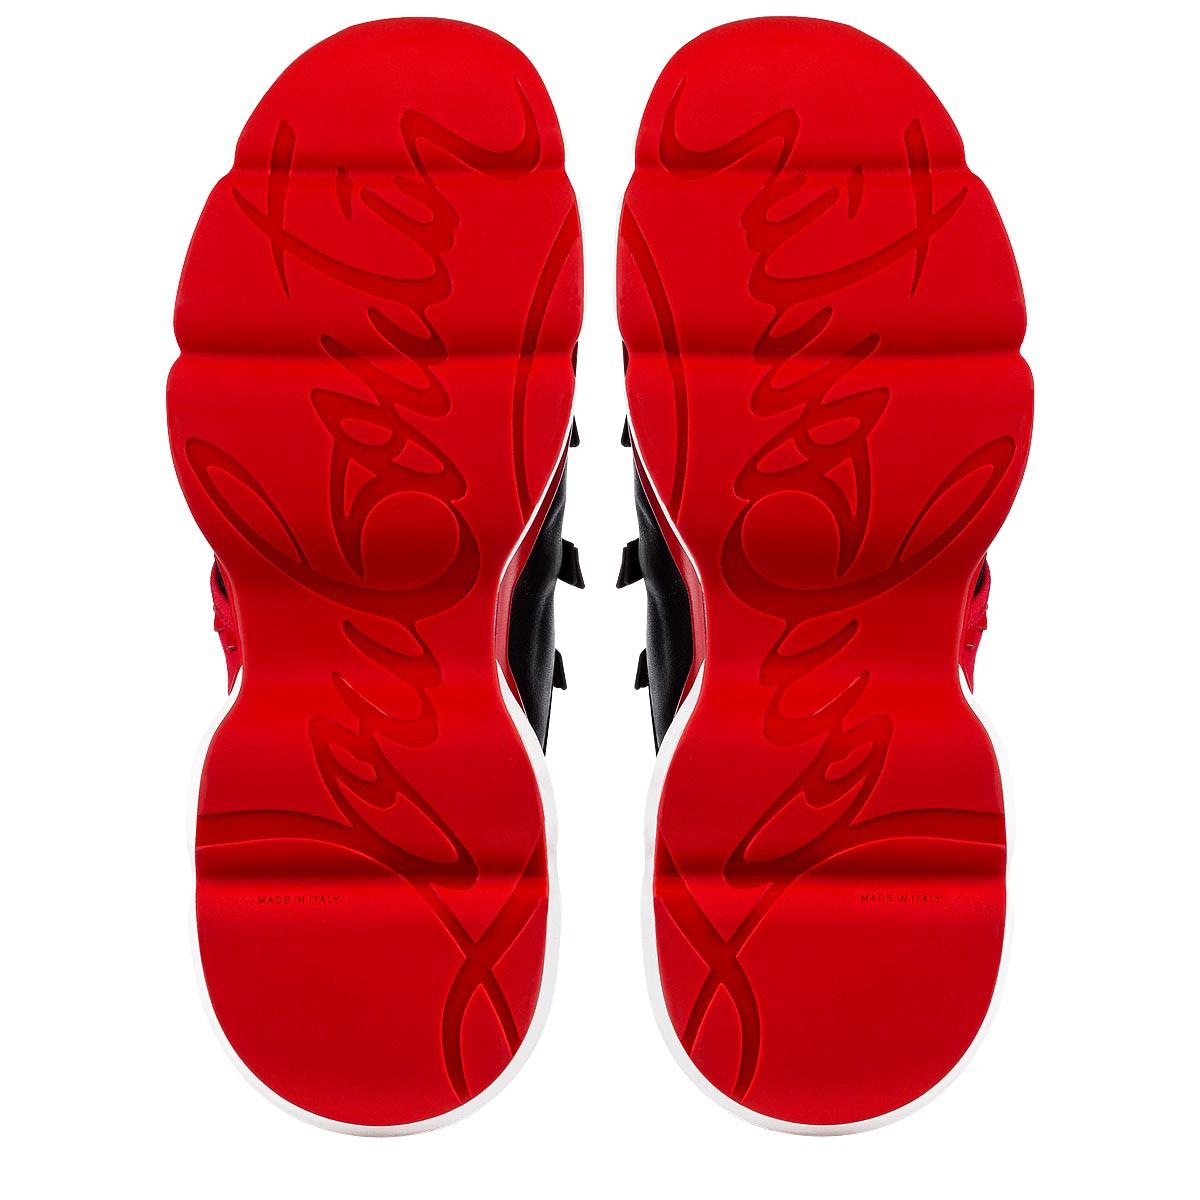 Shoes - Red-runner Men - Christian Louboutin